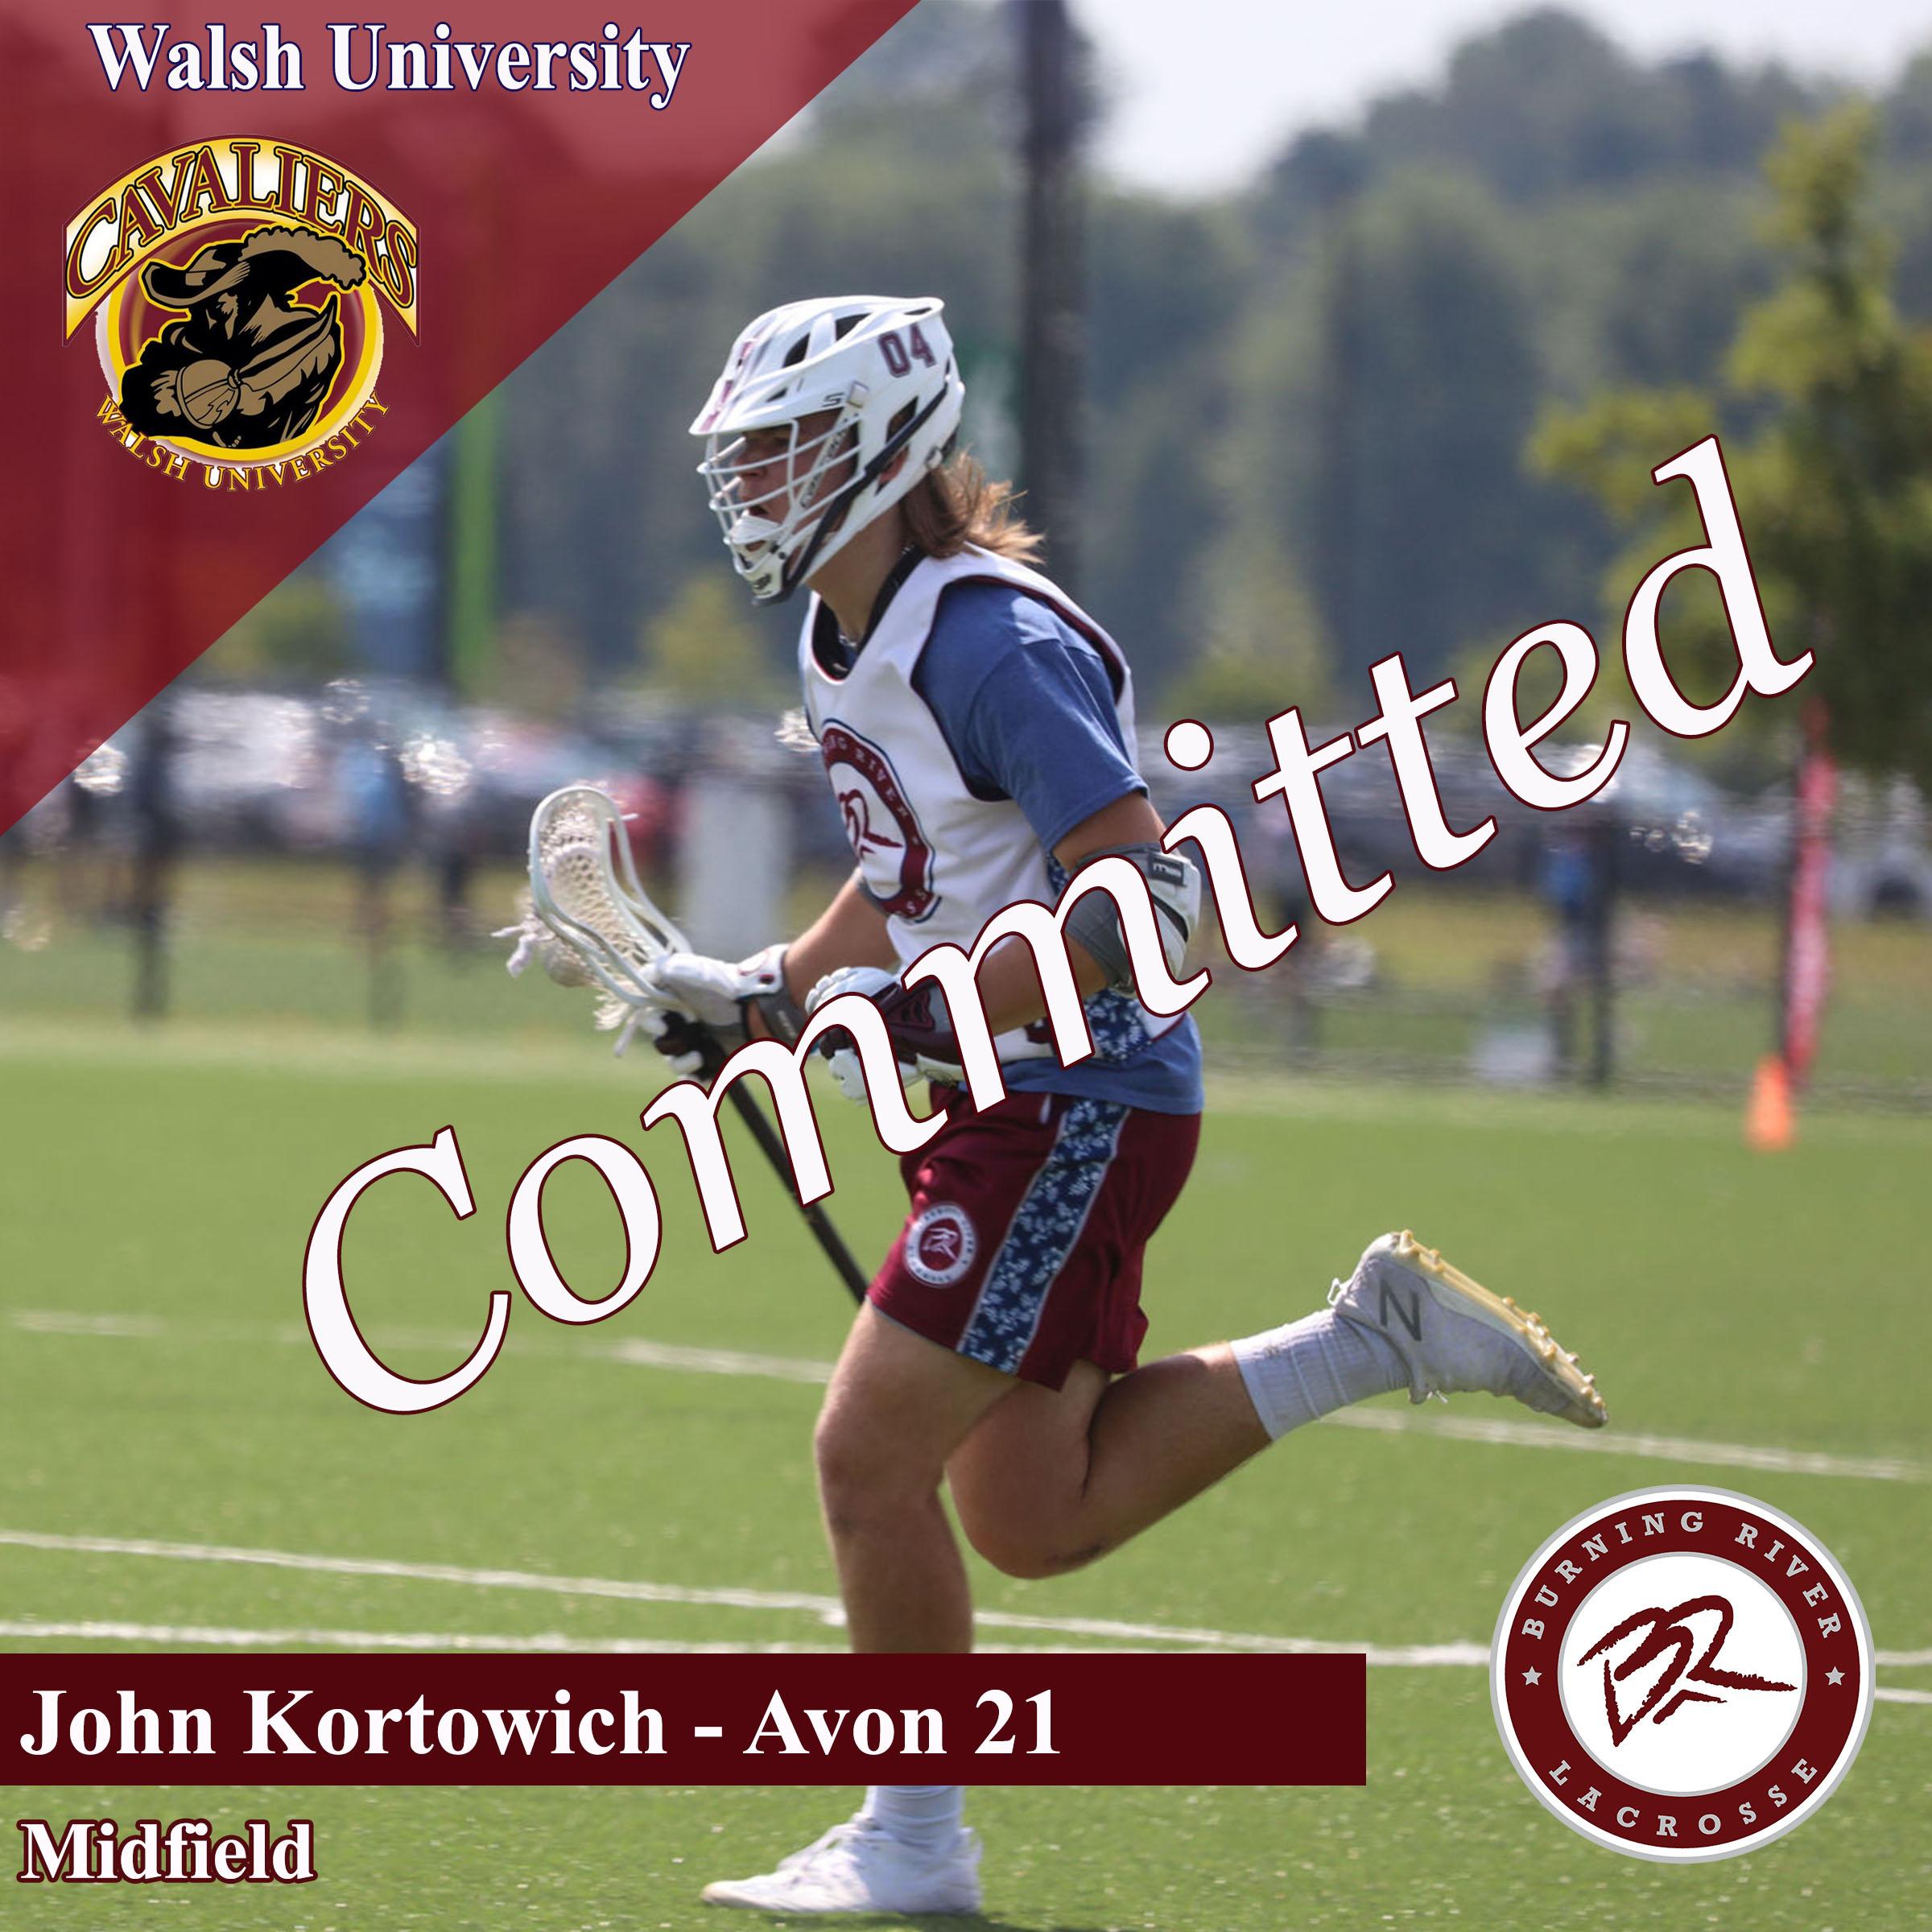 John Kortowich